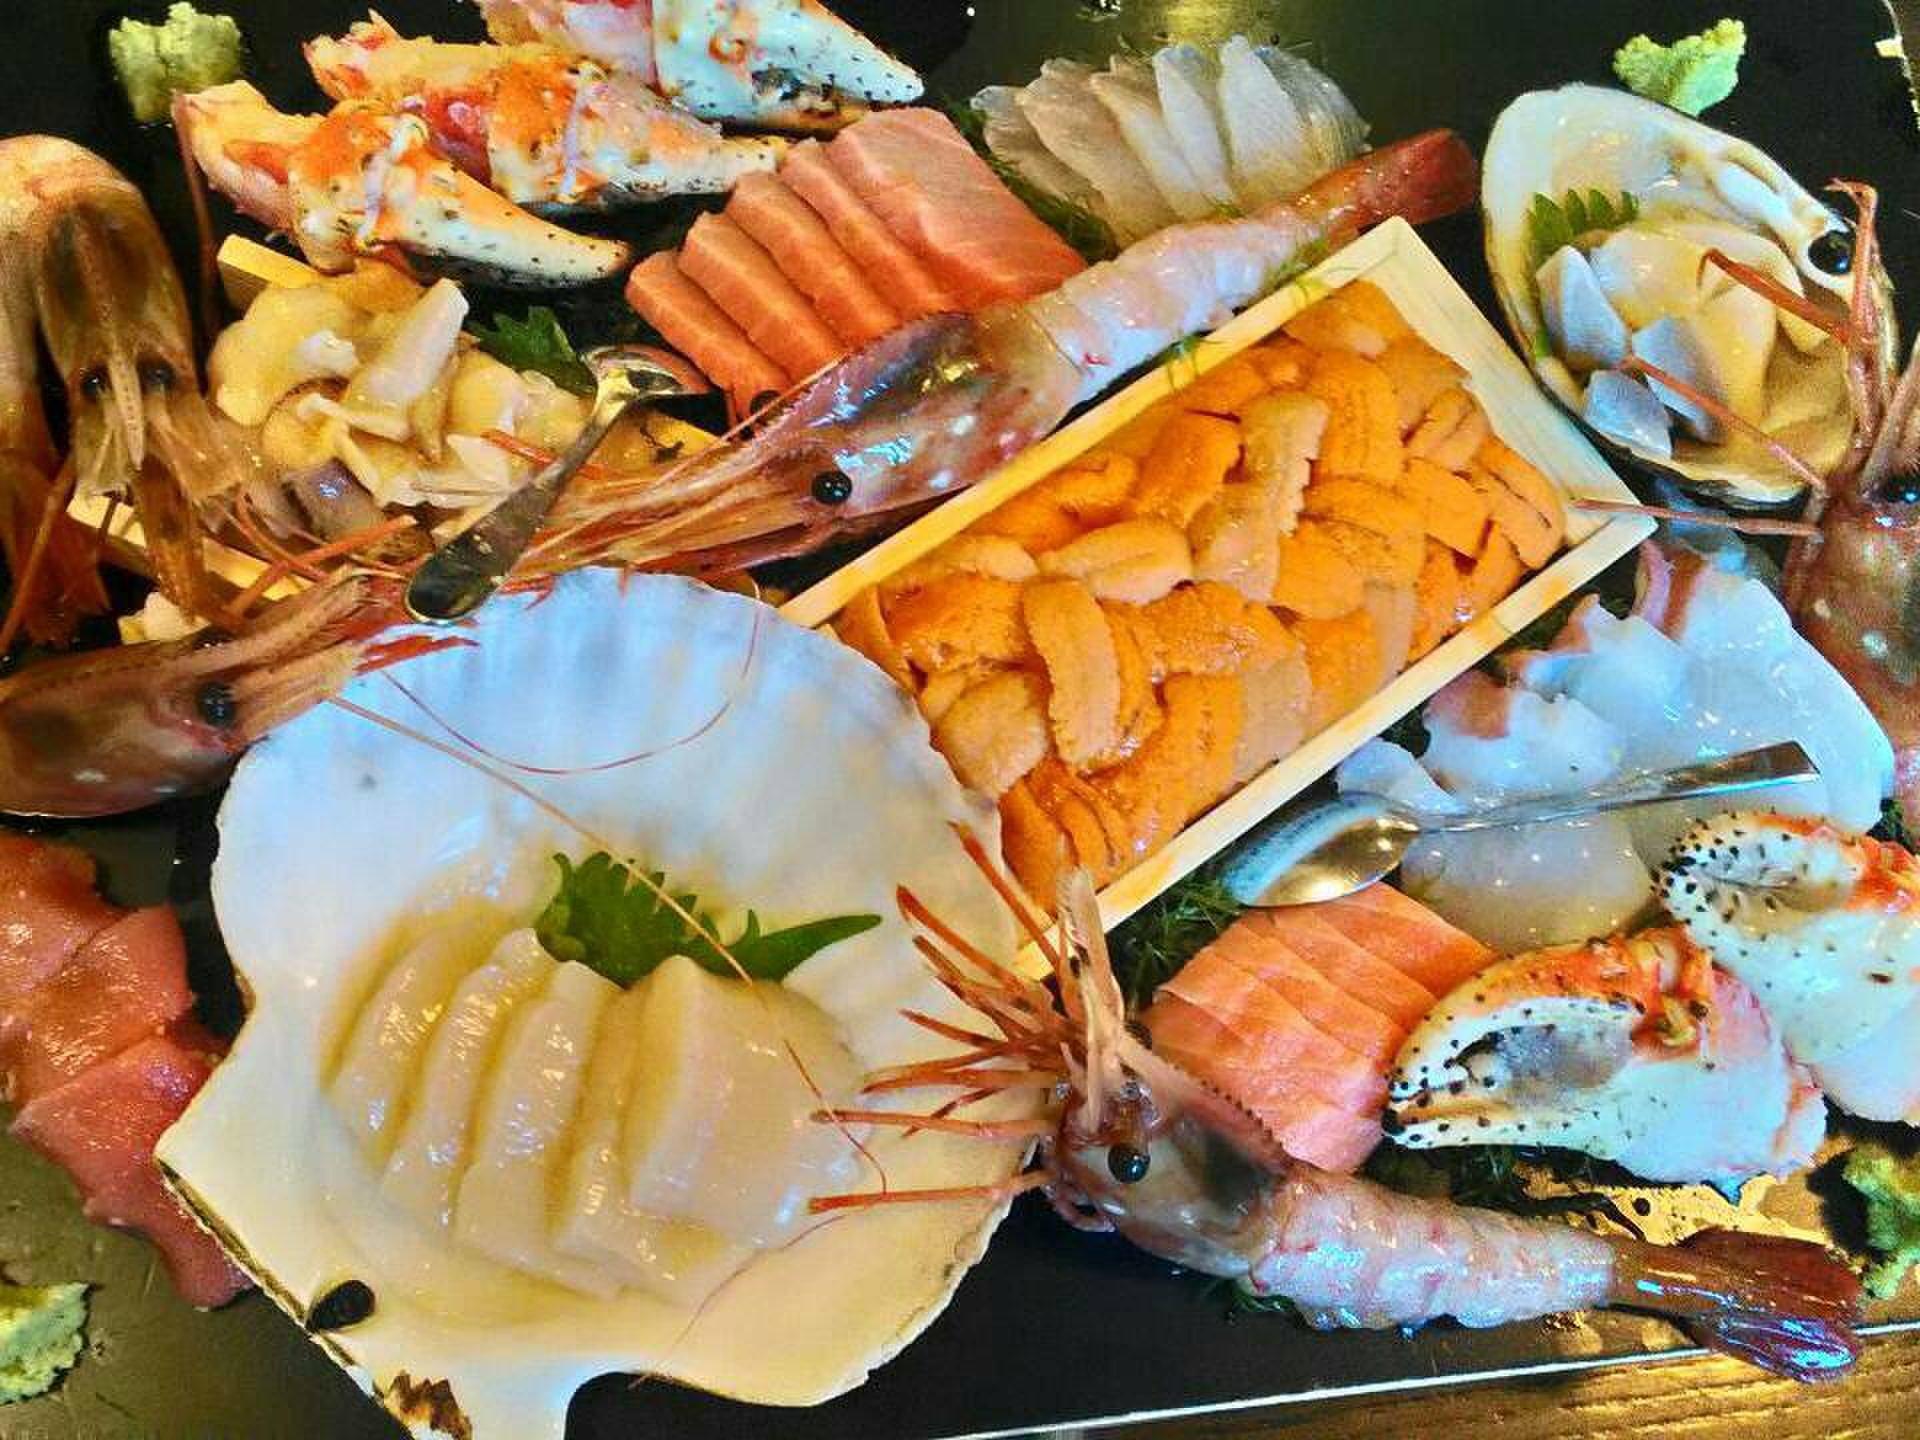 【北海道×グルメ】教えたくない寿司屋?!知る人ぞ知るお寿司&海鮮の名店に舌鼓!